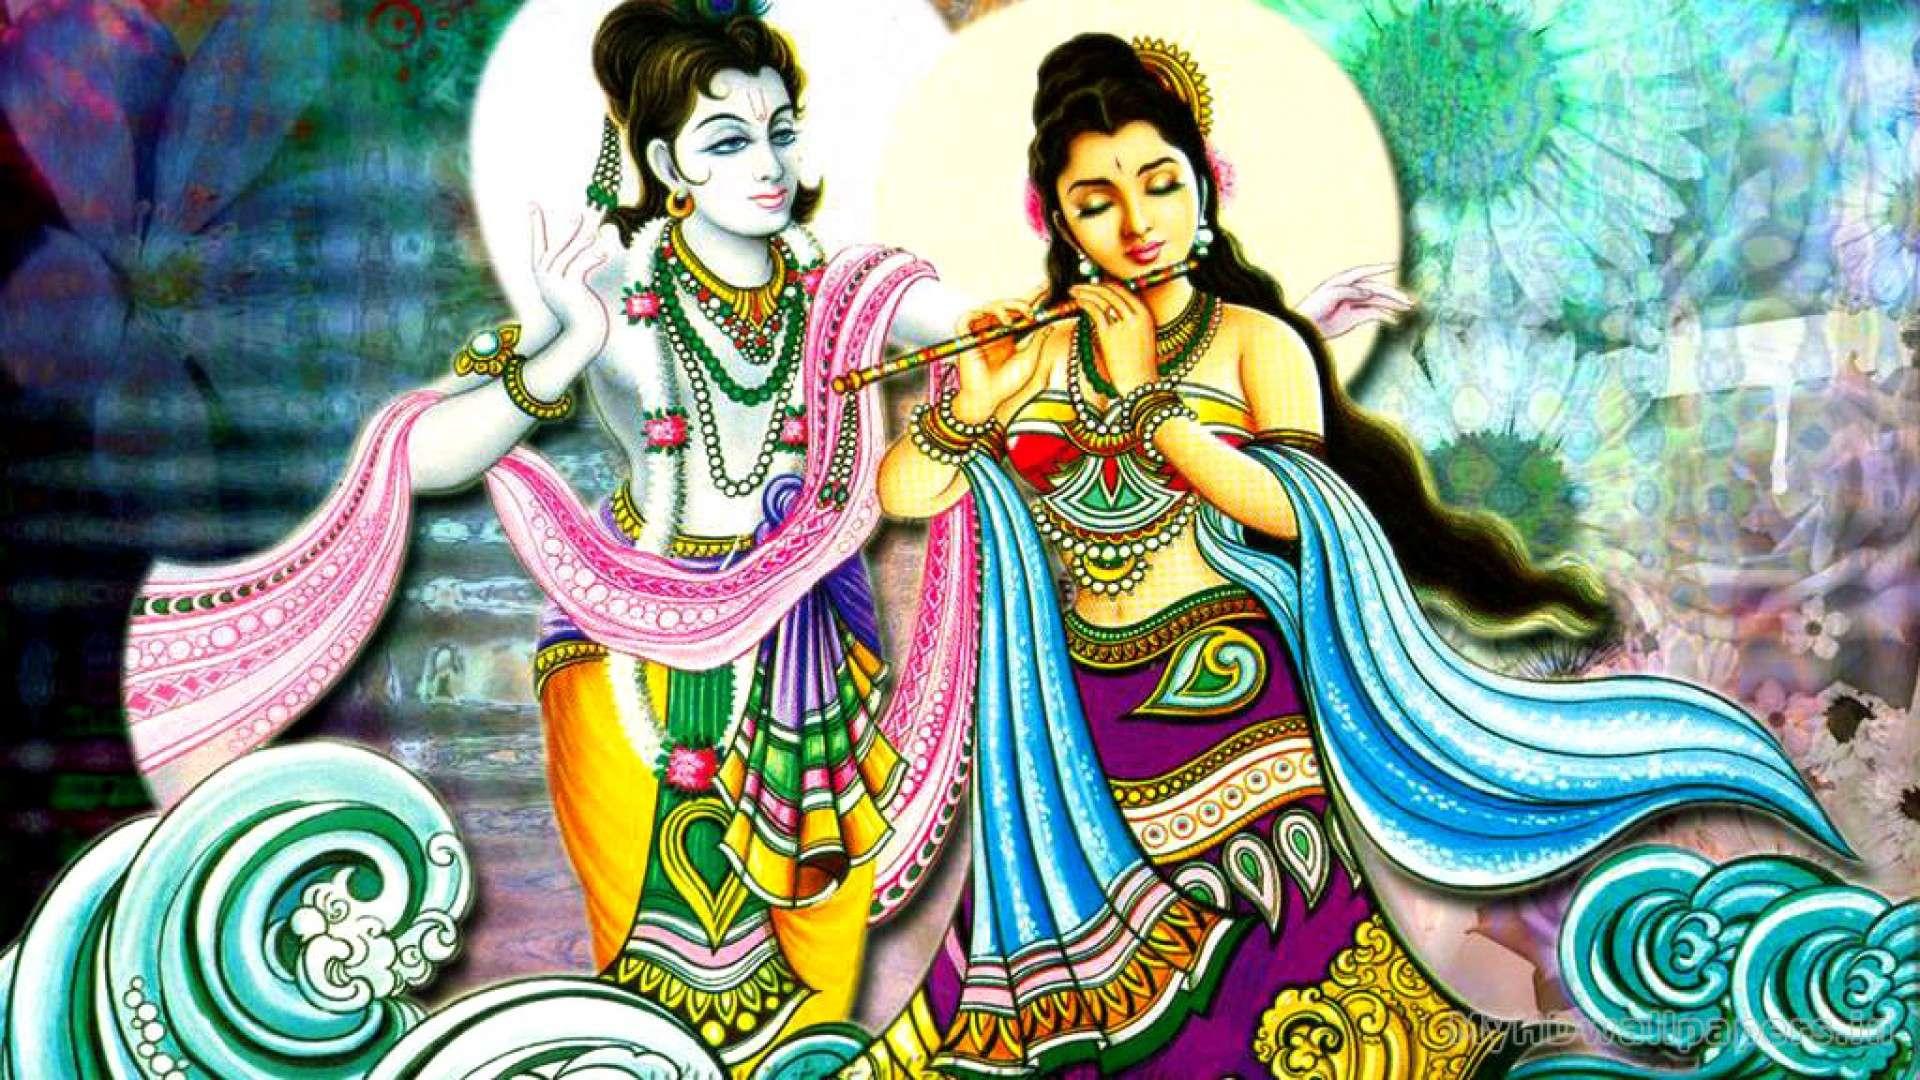 Radha Krishna Wallpapers Full Quality - Radha Krishna Full Hd - HD Wallpaper